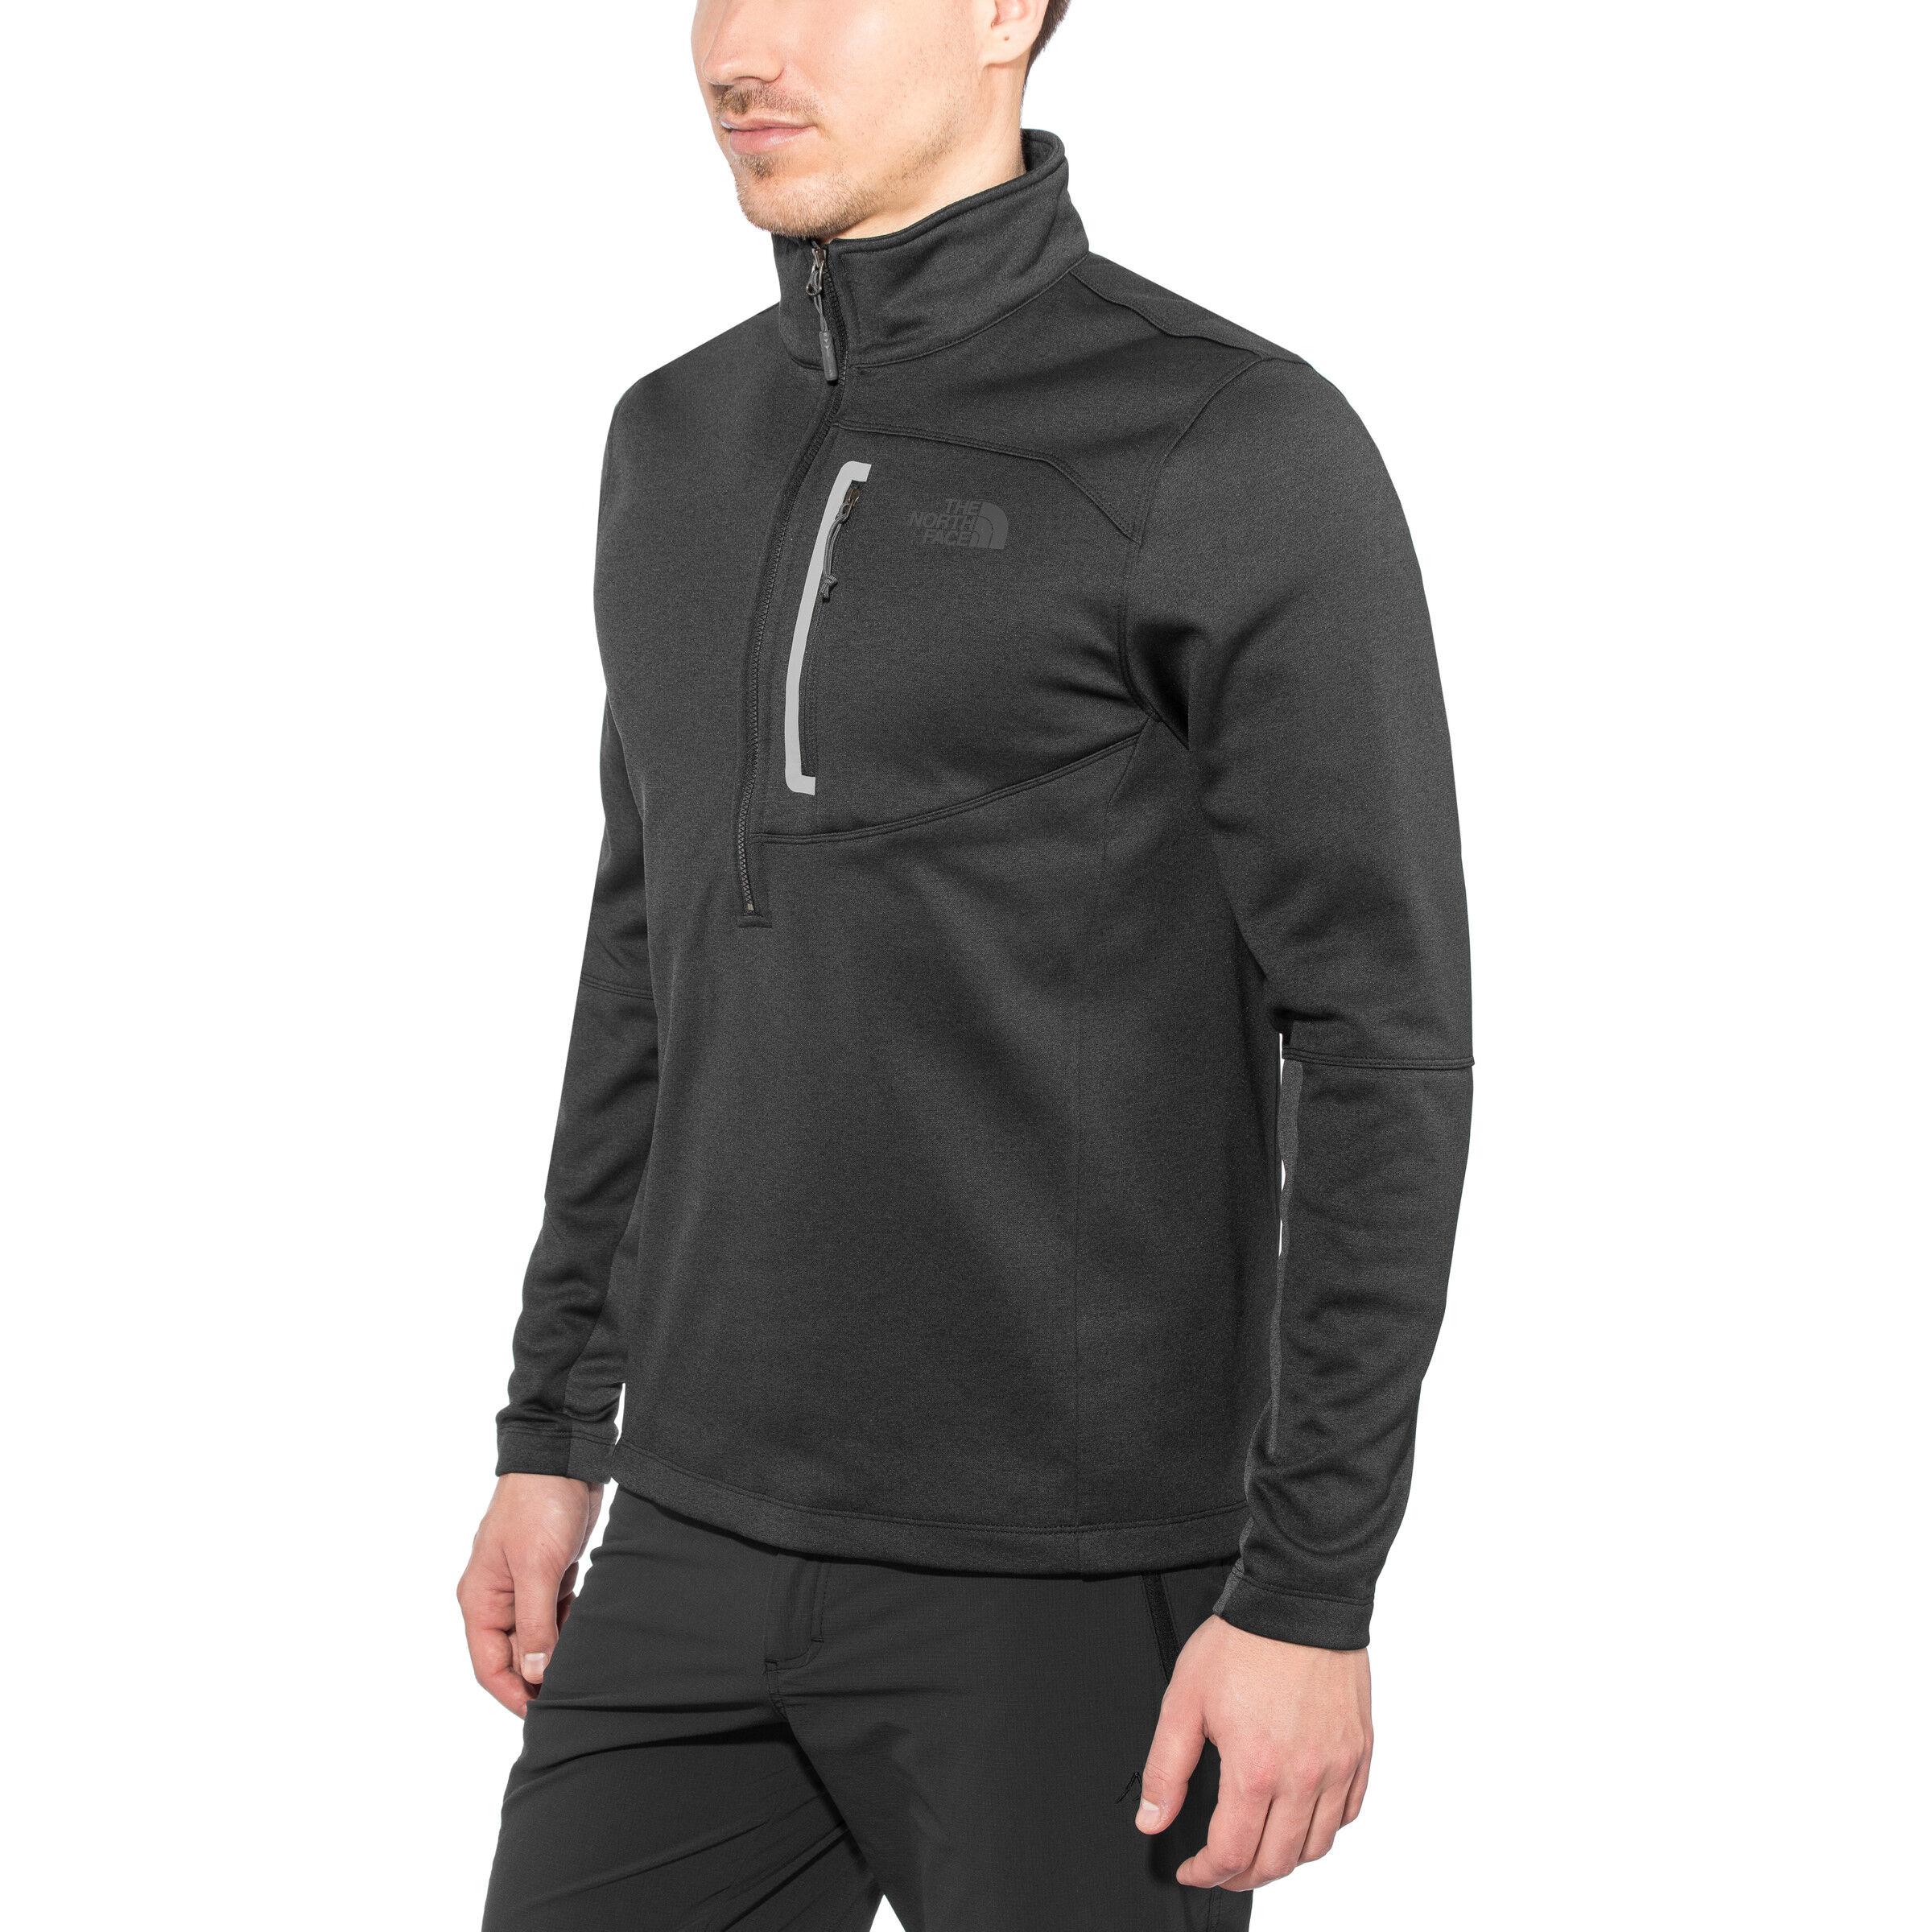 The North Face Canyonlands 12 Zip Shirt Herren tnf black